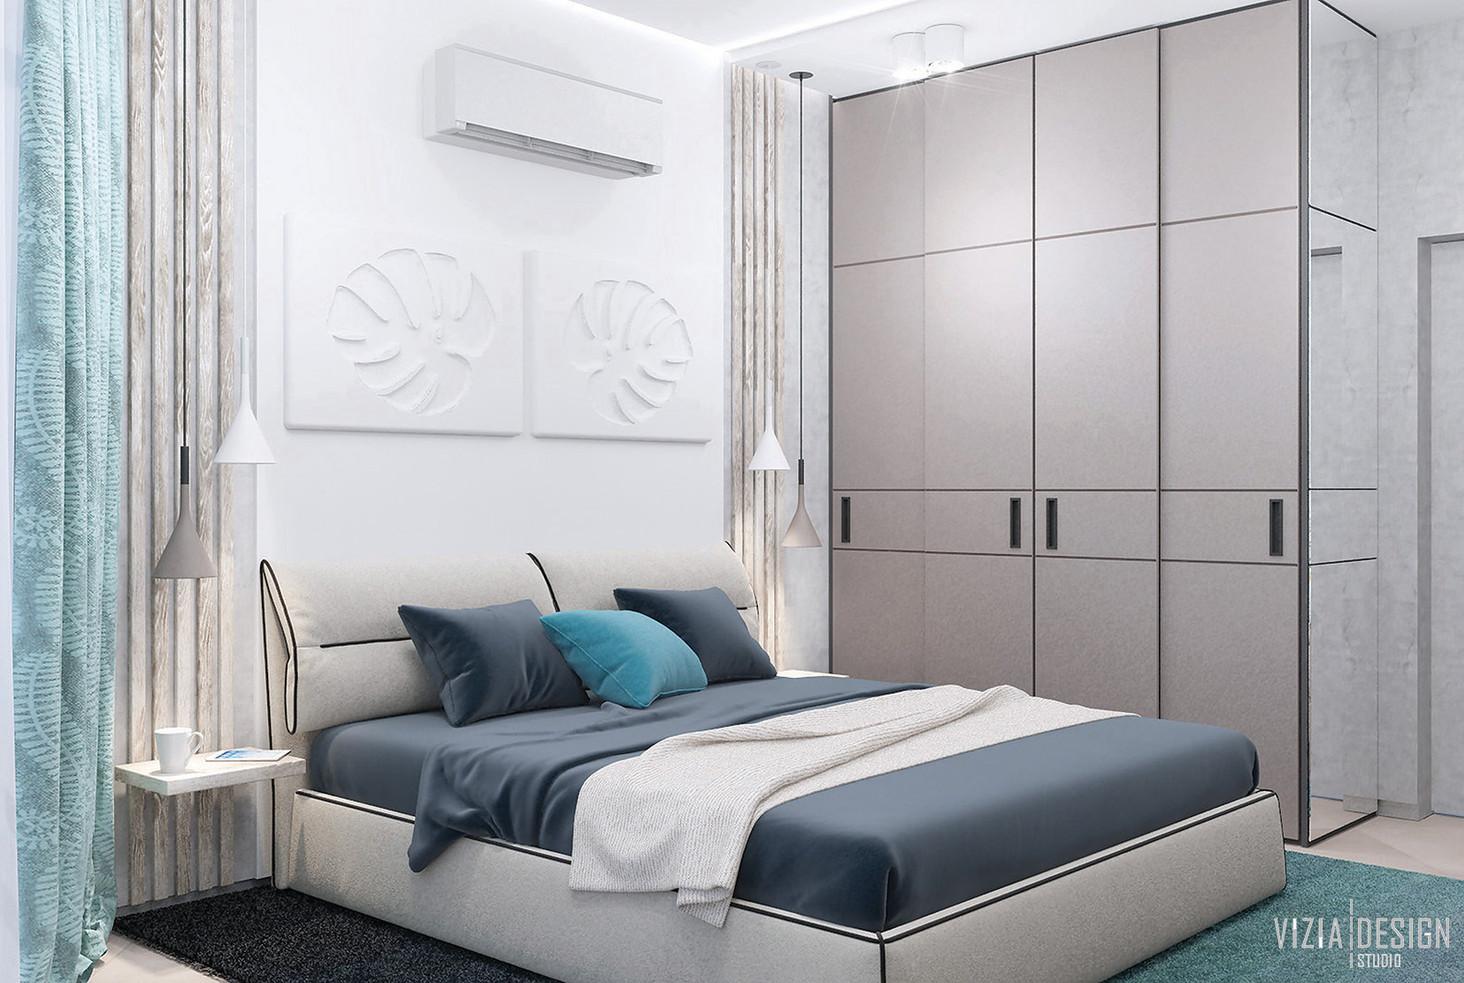 Спальня з панорамним вікном та бетонними стінами